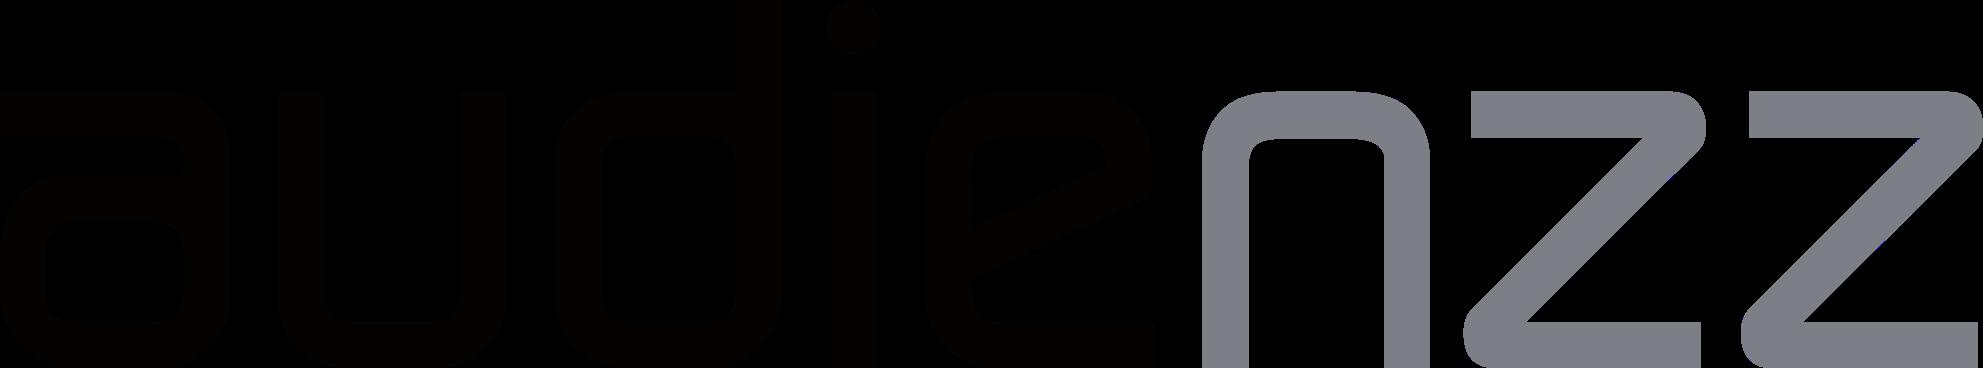 NZZ_audienzz_Logo_23032016_Normal-ohne-Claim_1_